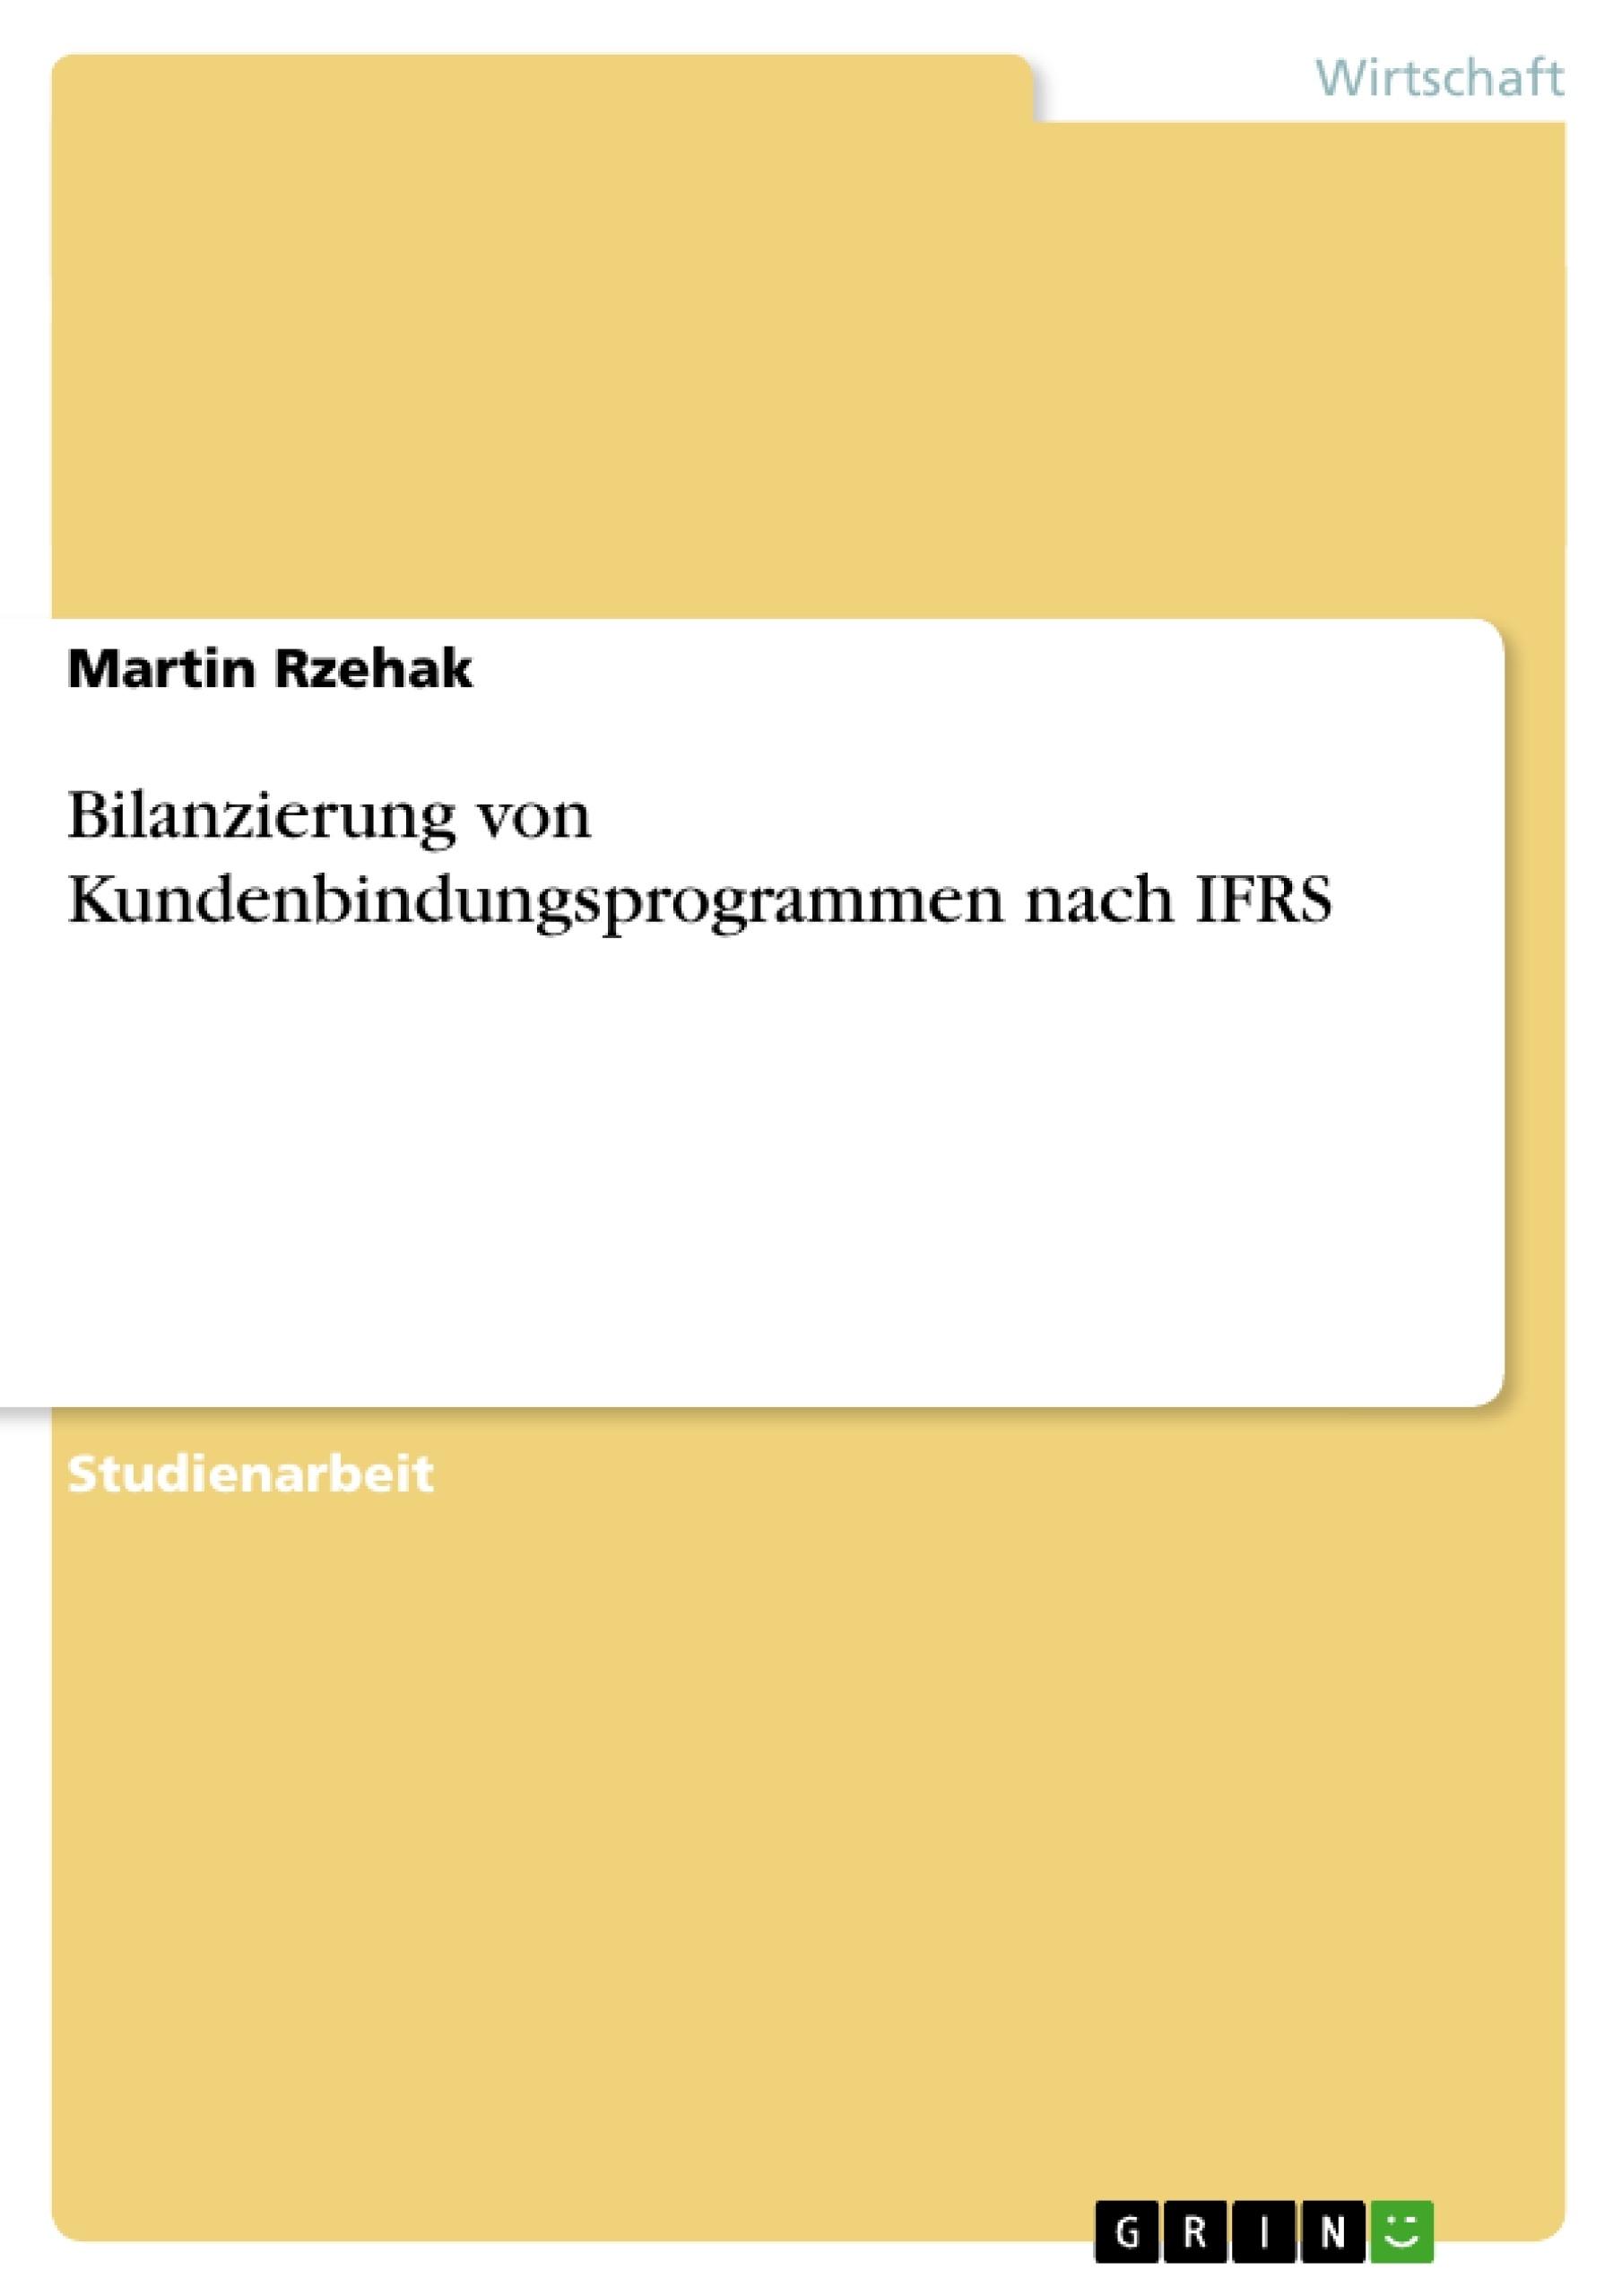 Titel: Bilanzierung von Kundenbindungsprogrammen nach IFRS